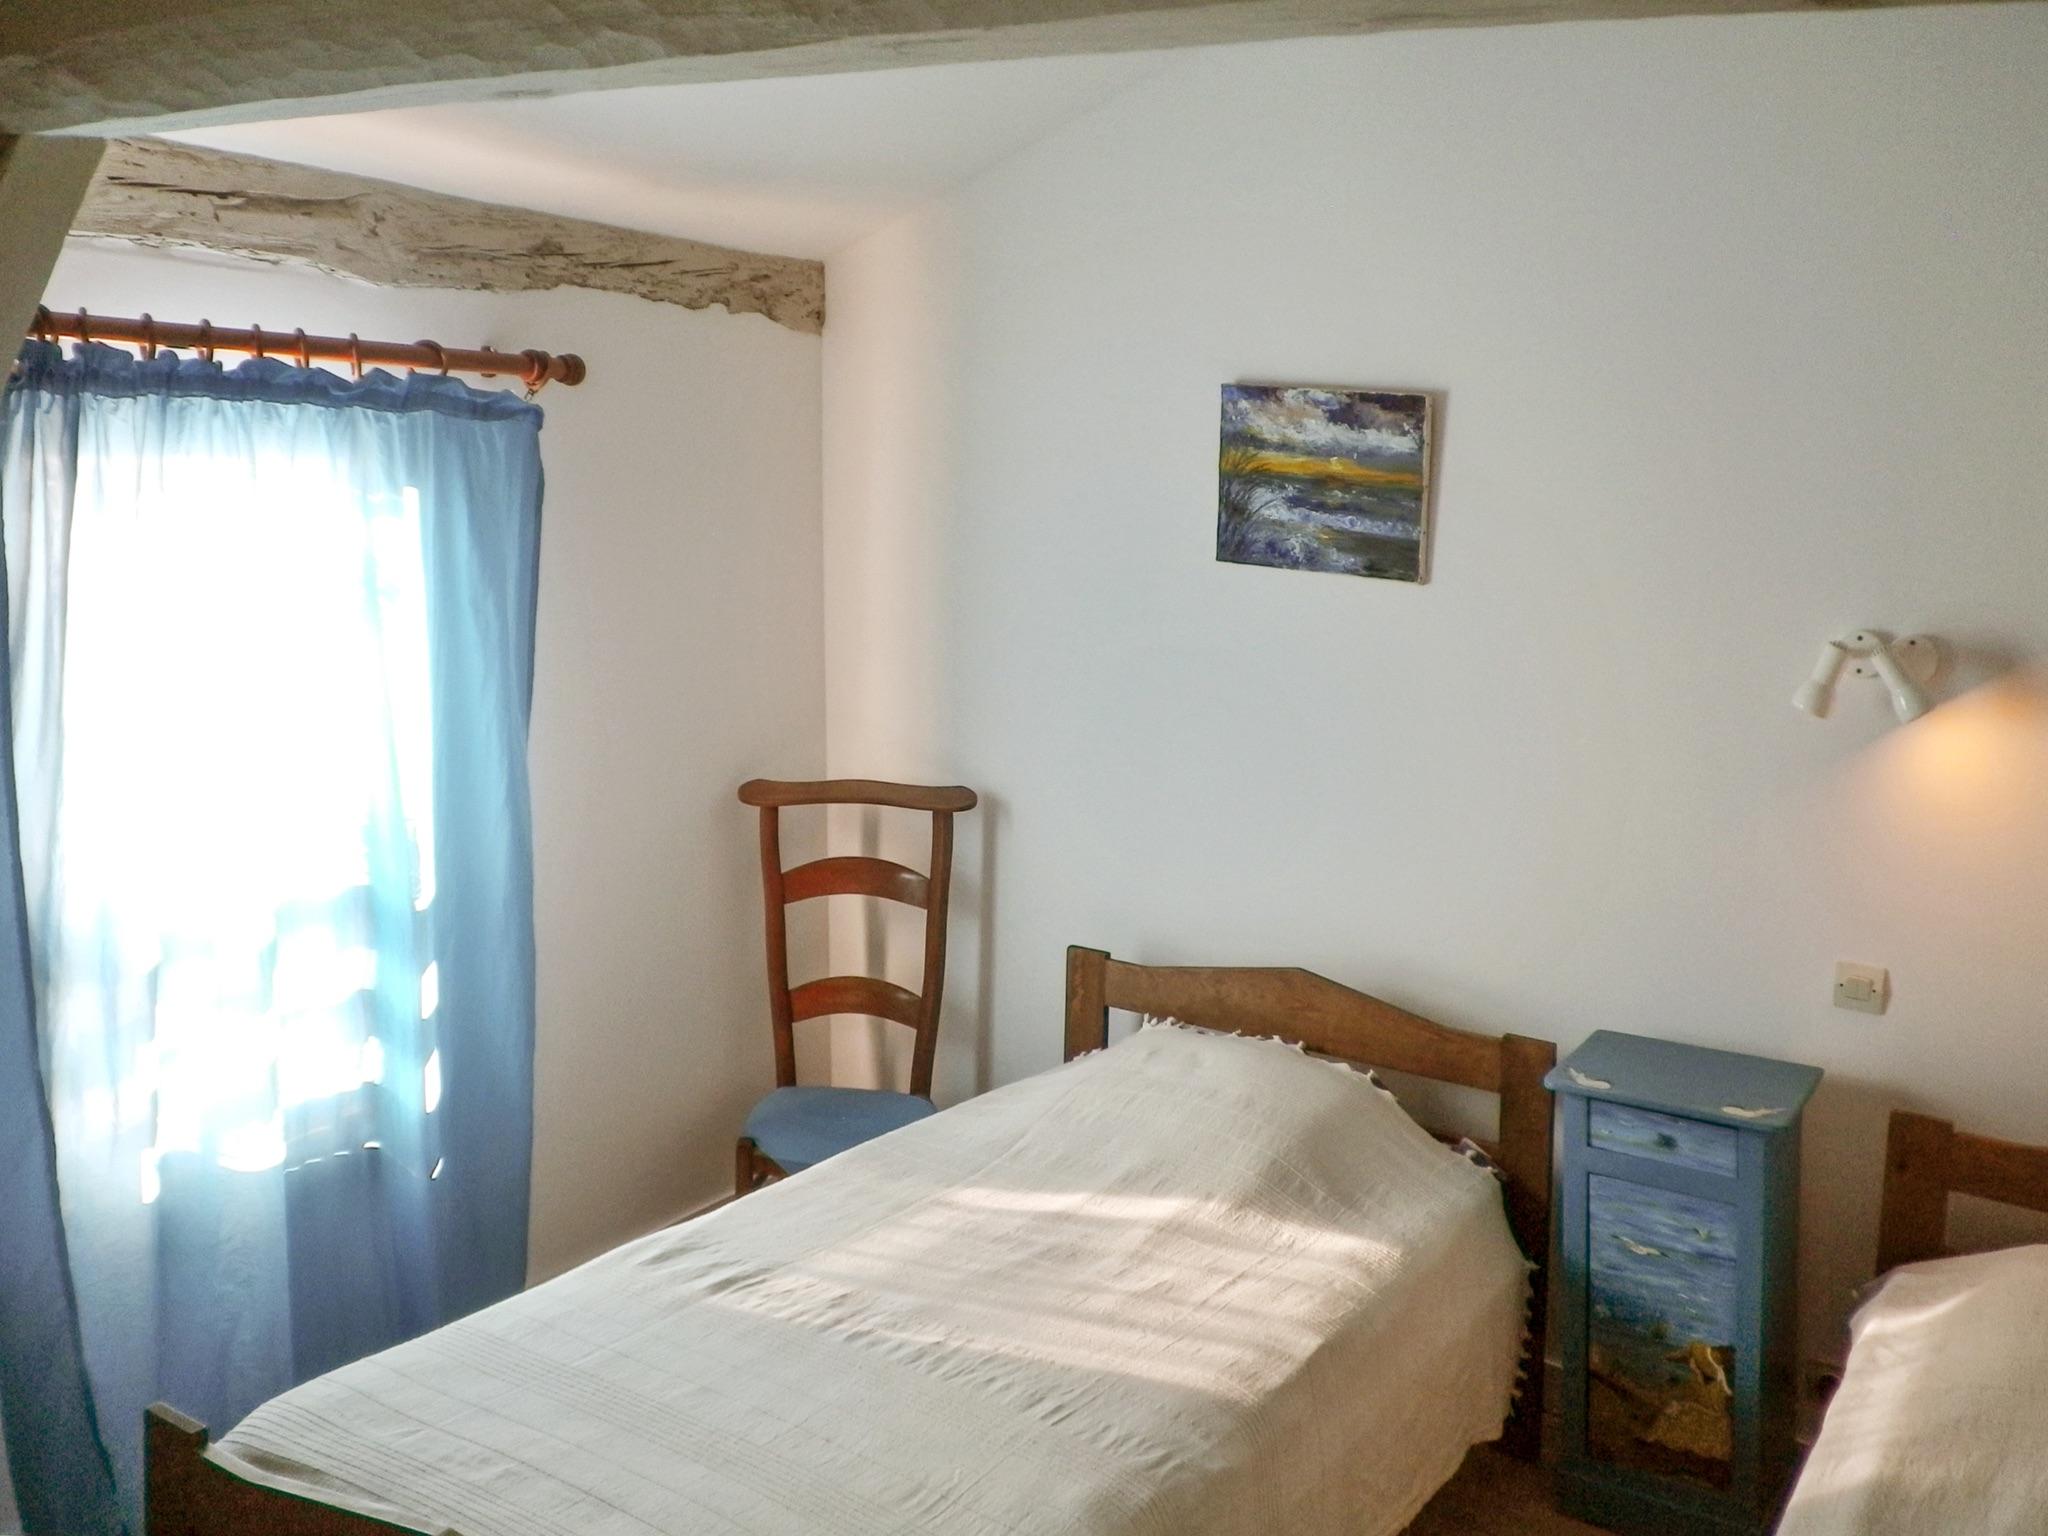 Ferienhaus Villa mit 4 Zimmern in Trensacq mit privatem Pool und möbliertem Garten - 45 km vom Strand (2202366), Trensacq, Landes, Aquitanien, Frankreich, Bild 20